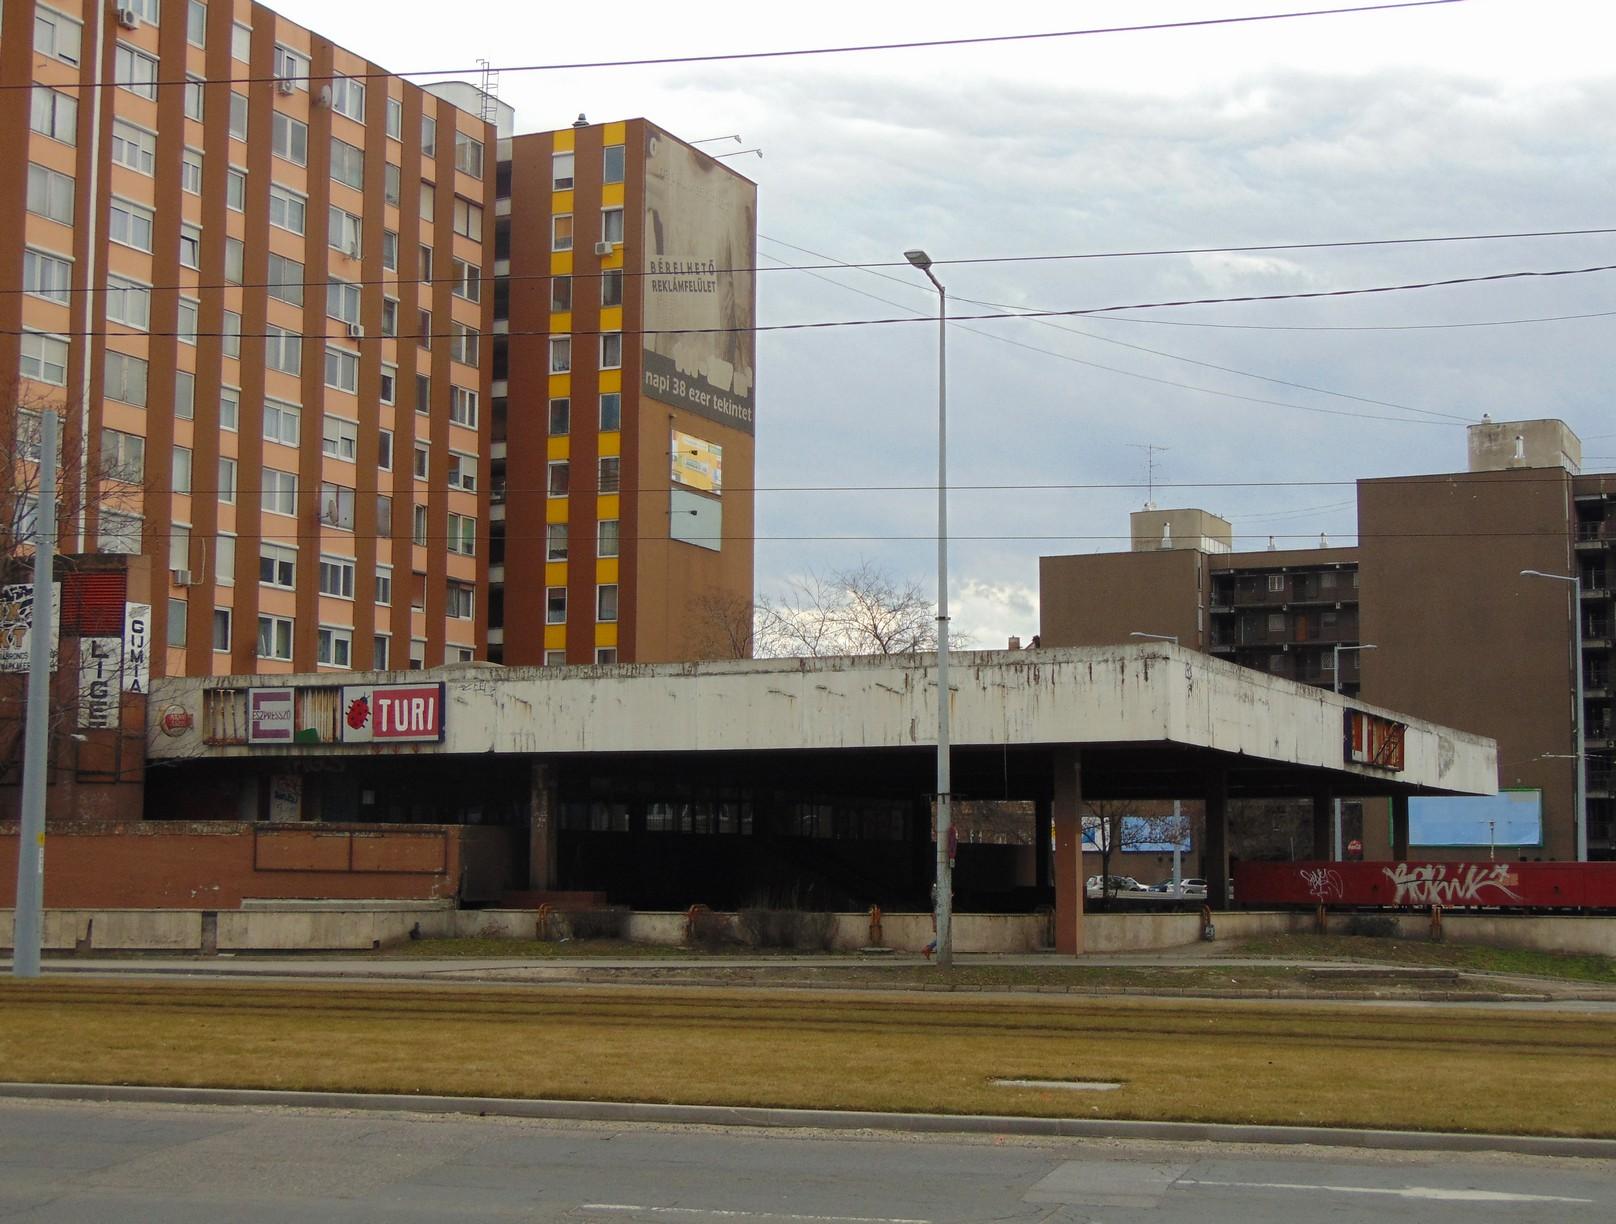 A Liget téri metróvégállomás, ahová soha nem futott be metró